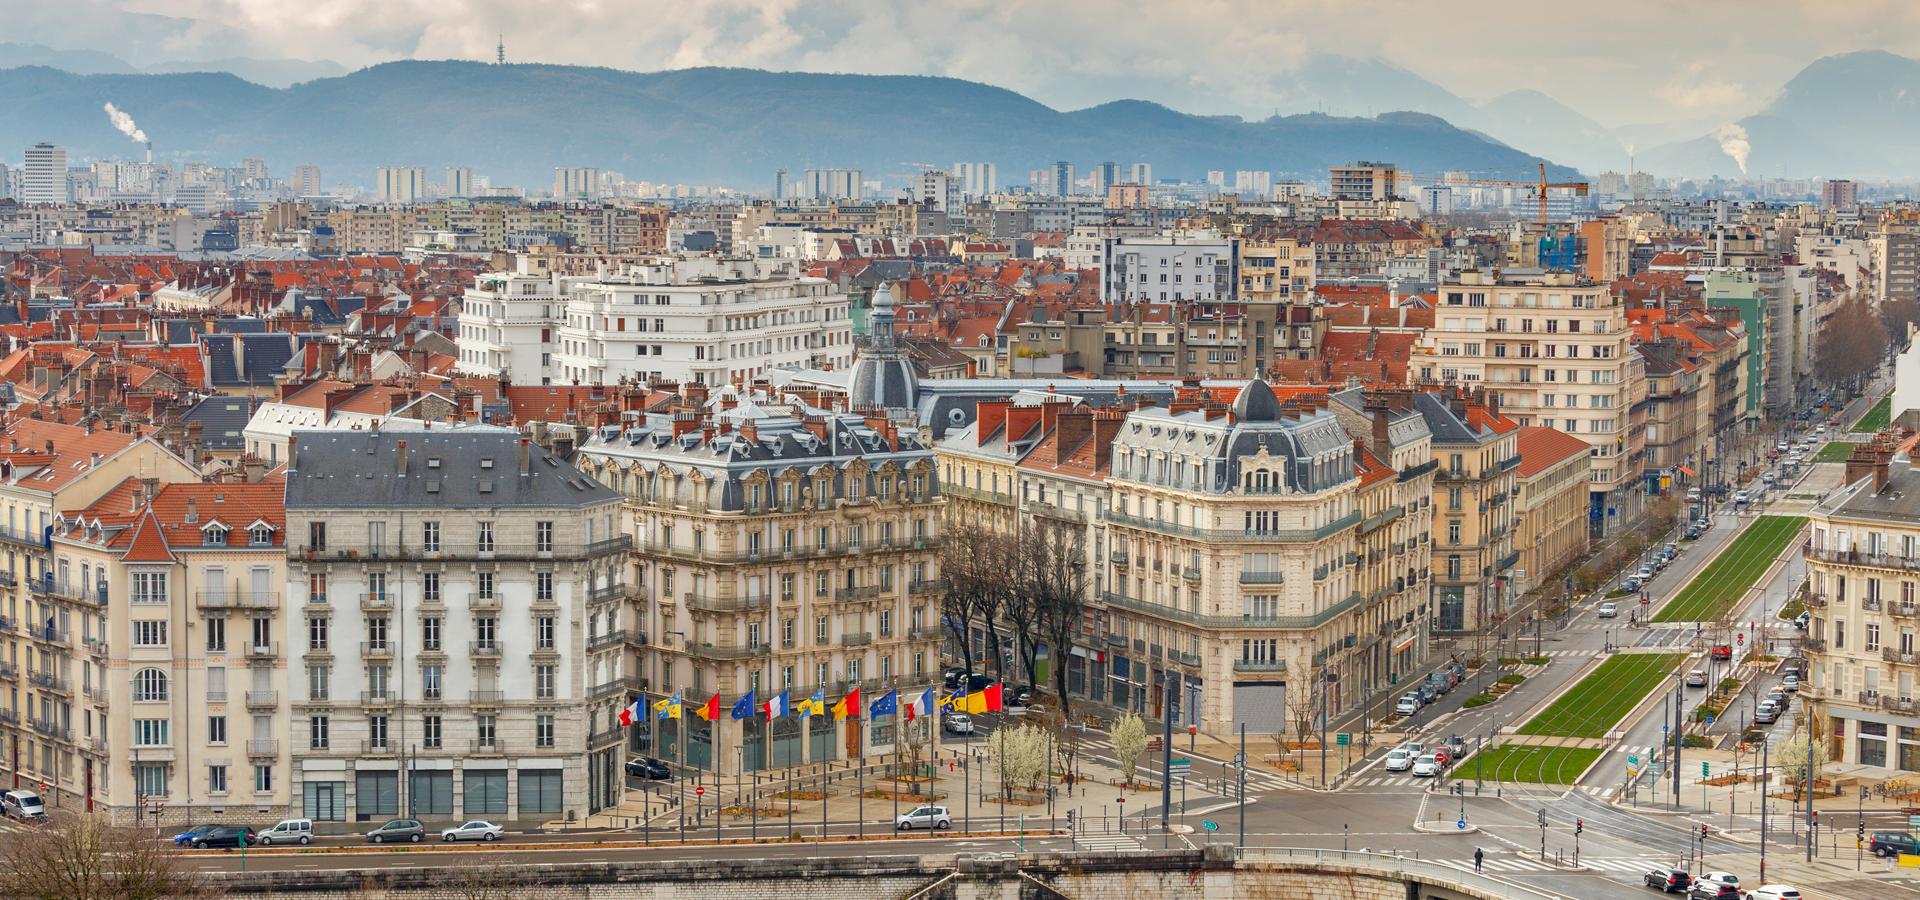 Peer-to-peer advisory in Grenoble, Isère Département, Rhône-Alpes Département, France